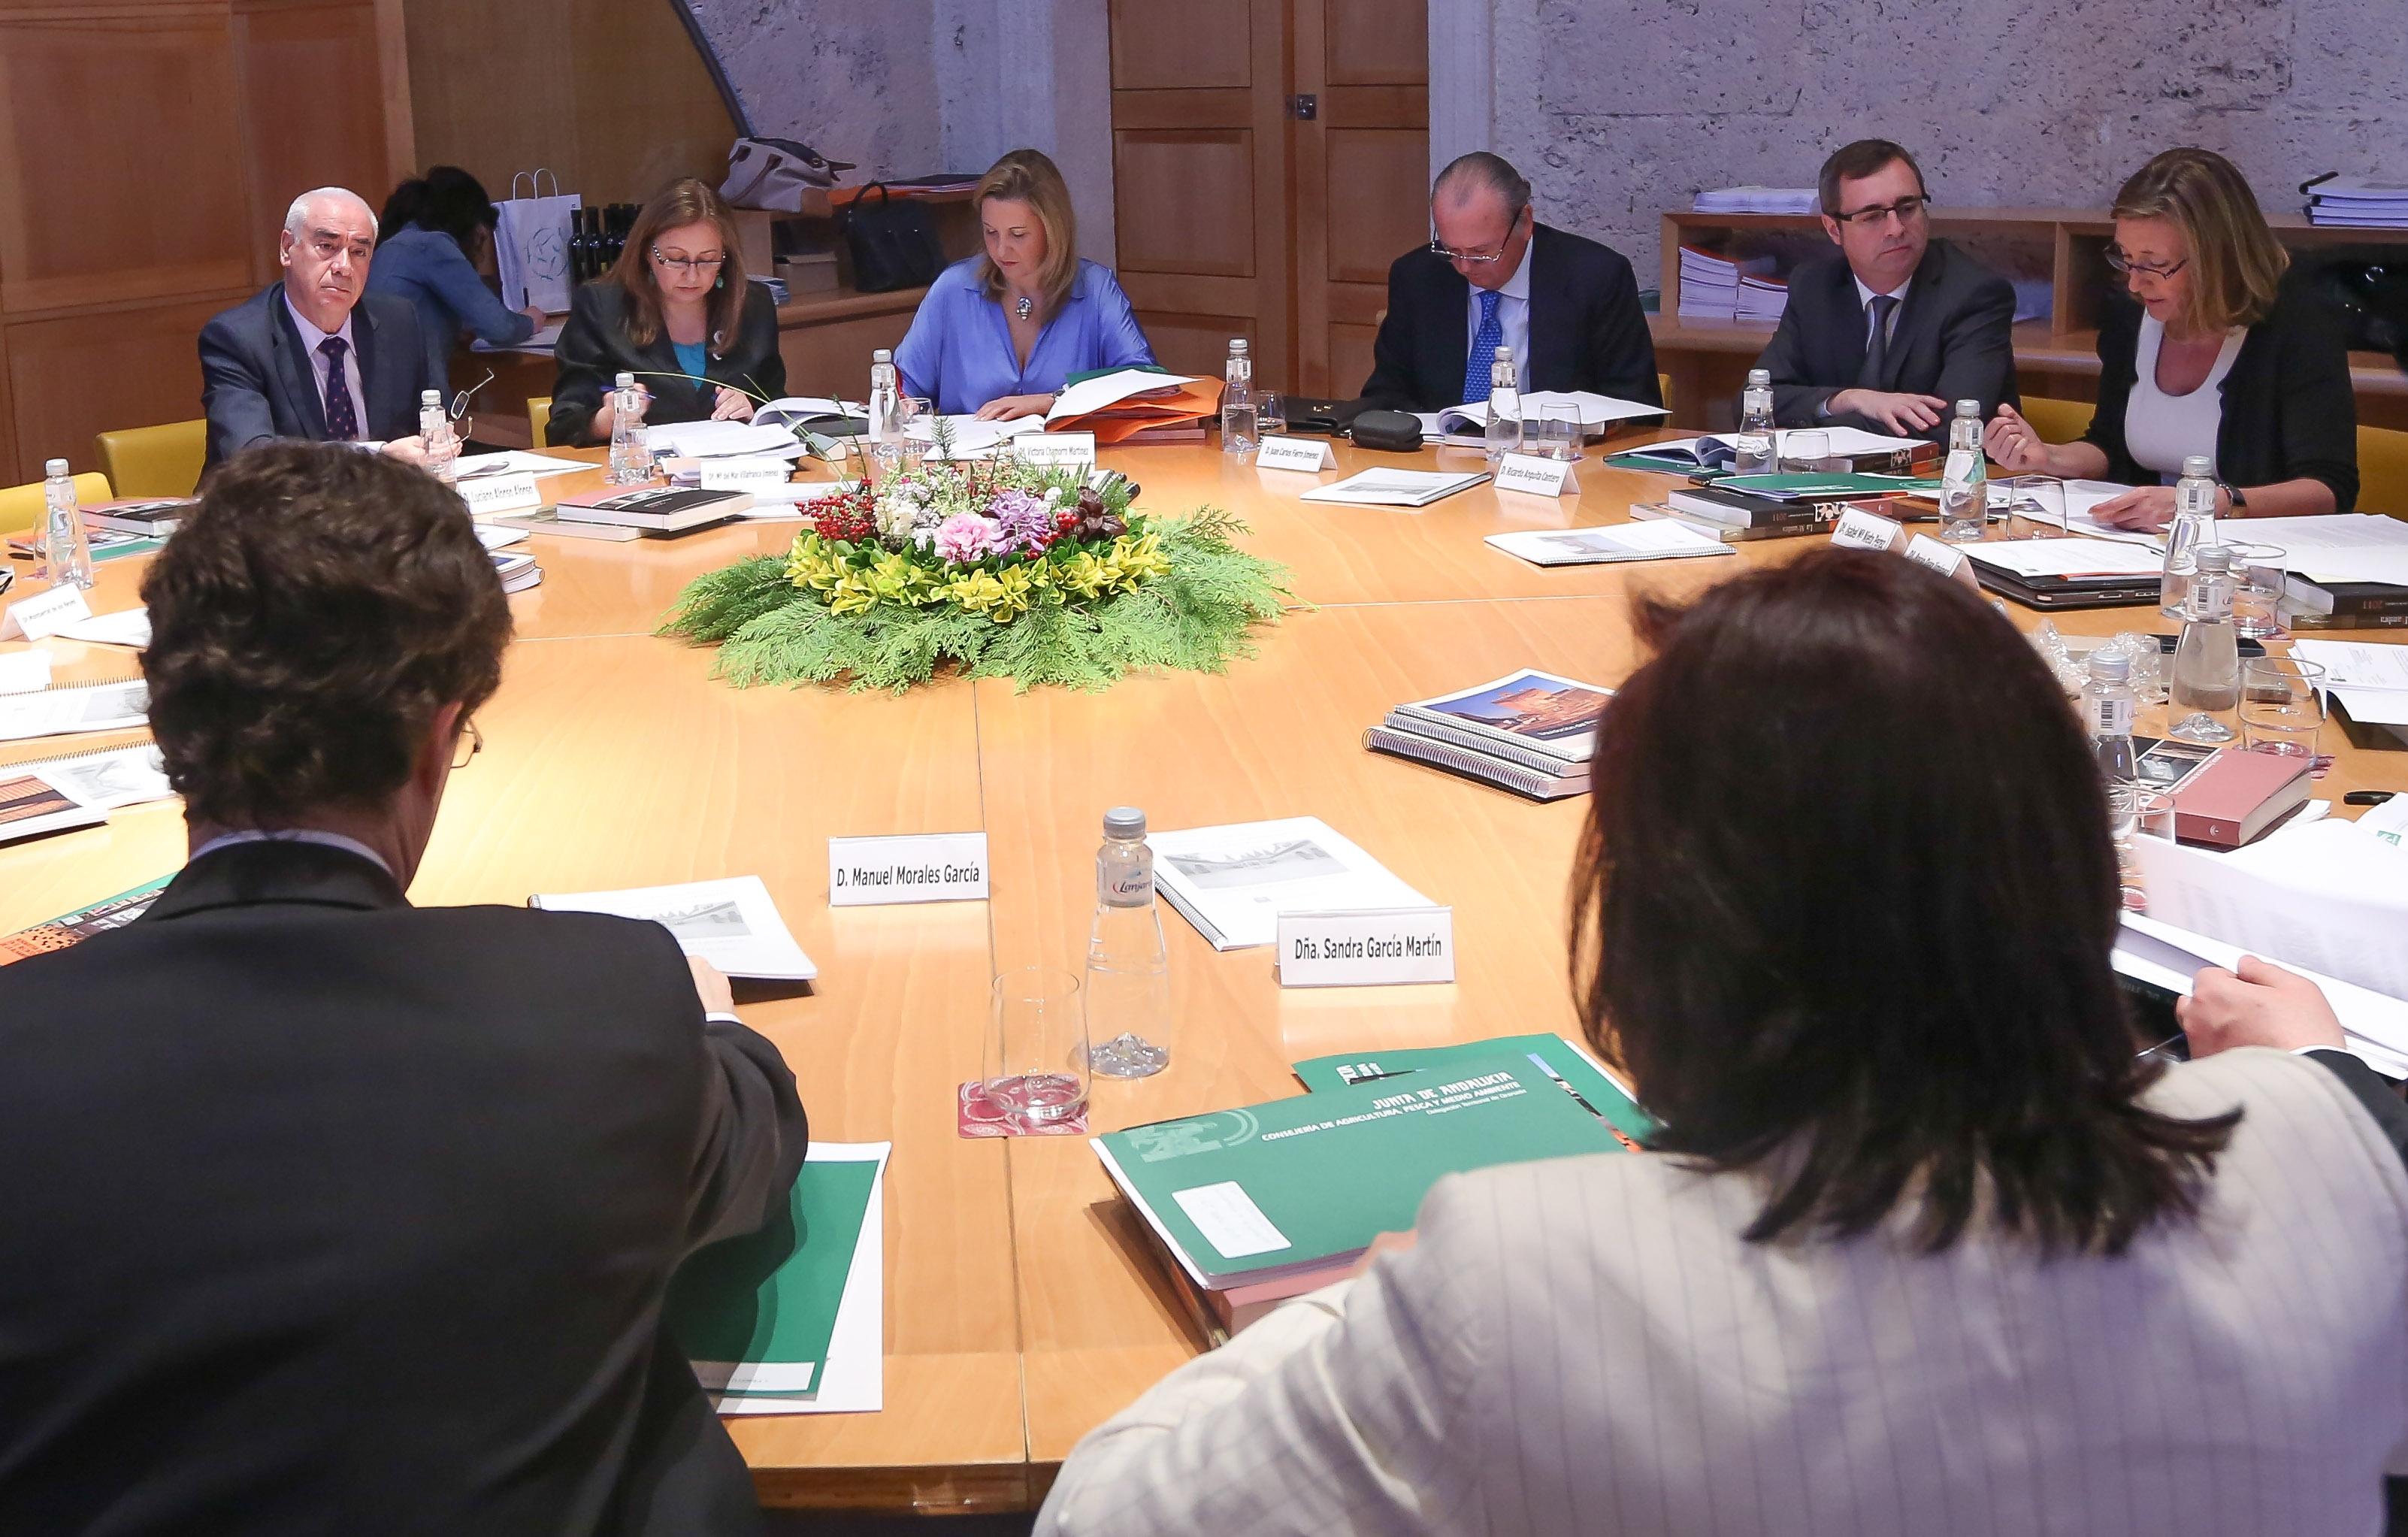 La Alhambra lidera proyectos europeos y amplia su presupuesto previsto para 2013